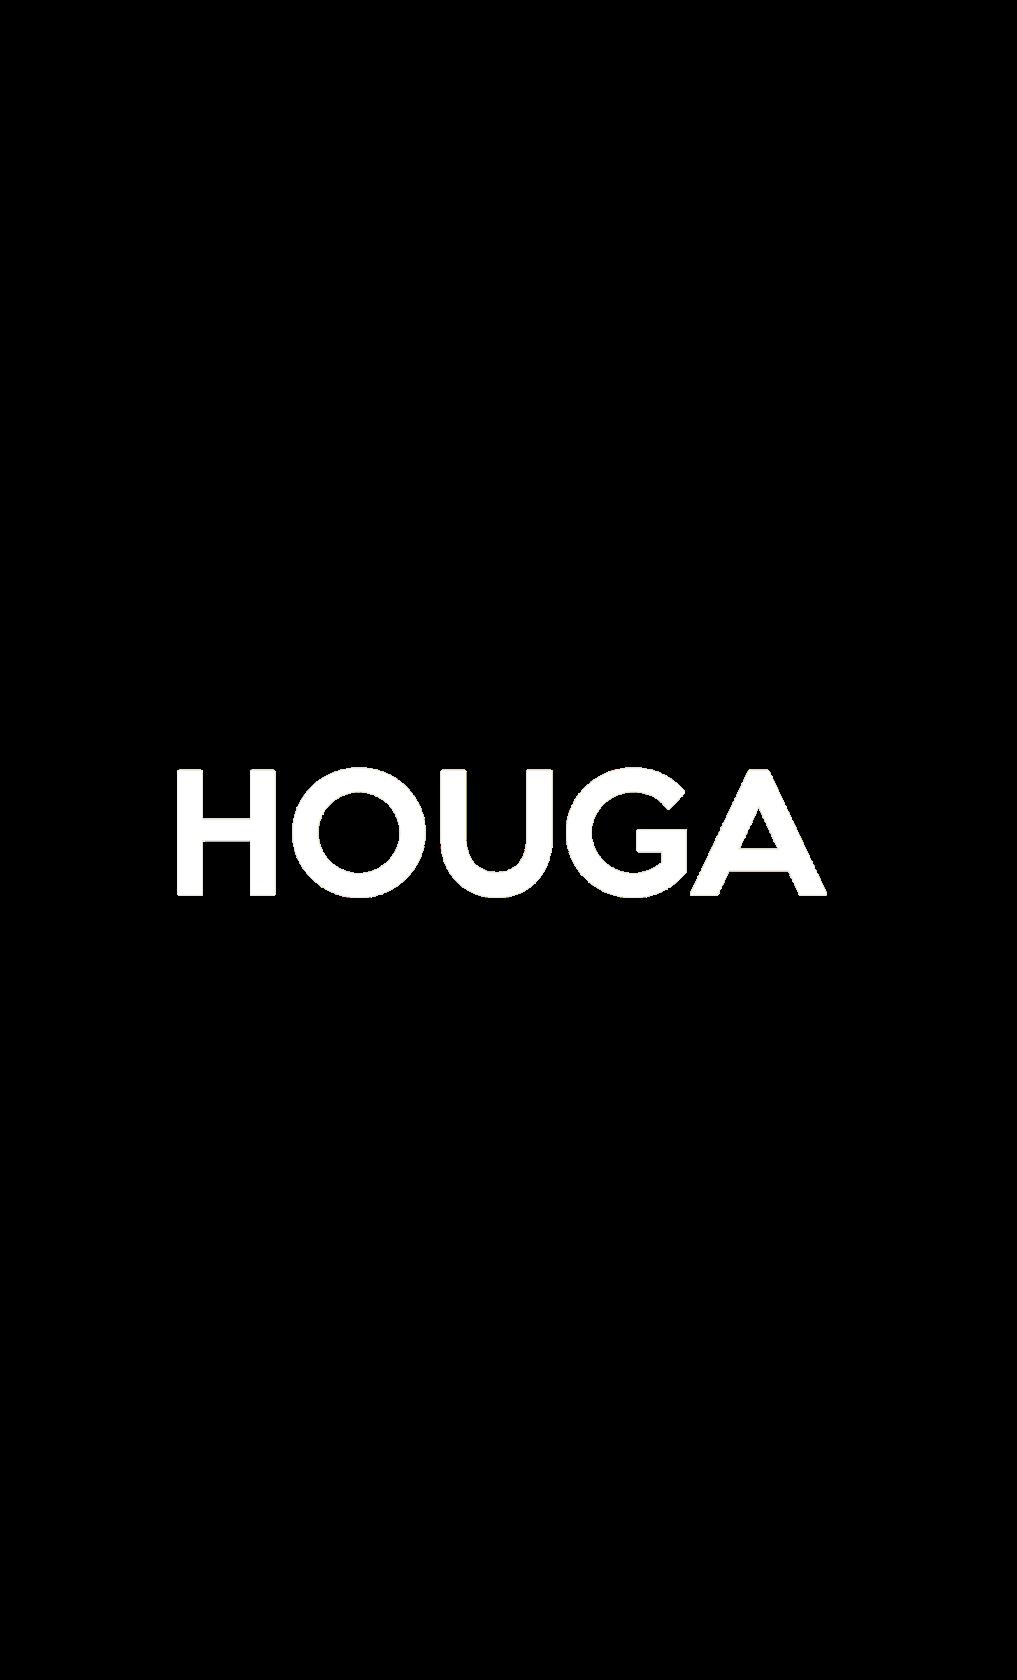 HOUGA